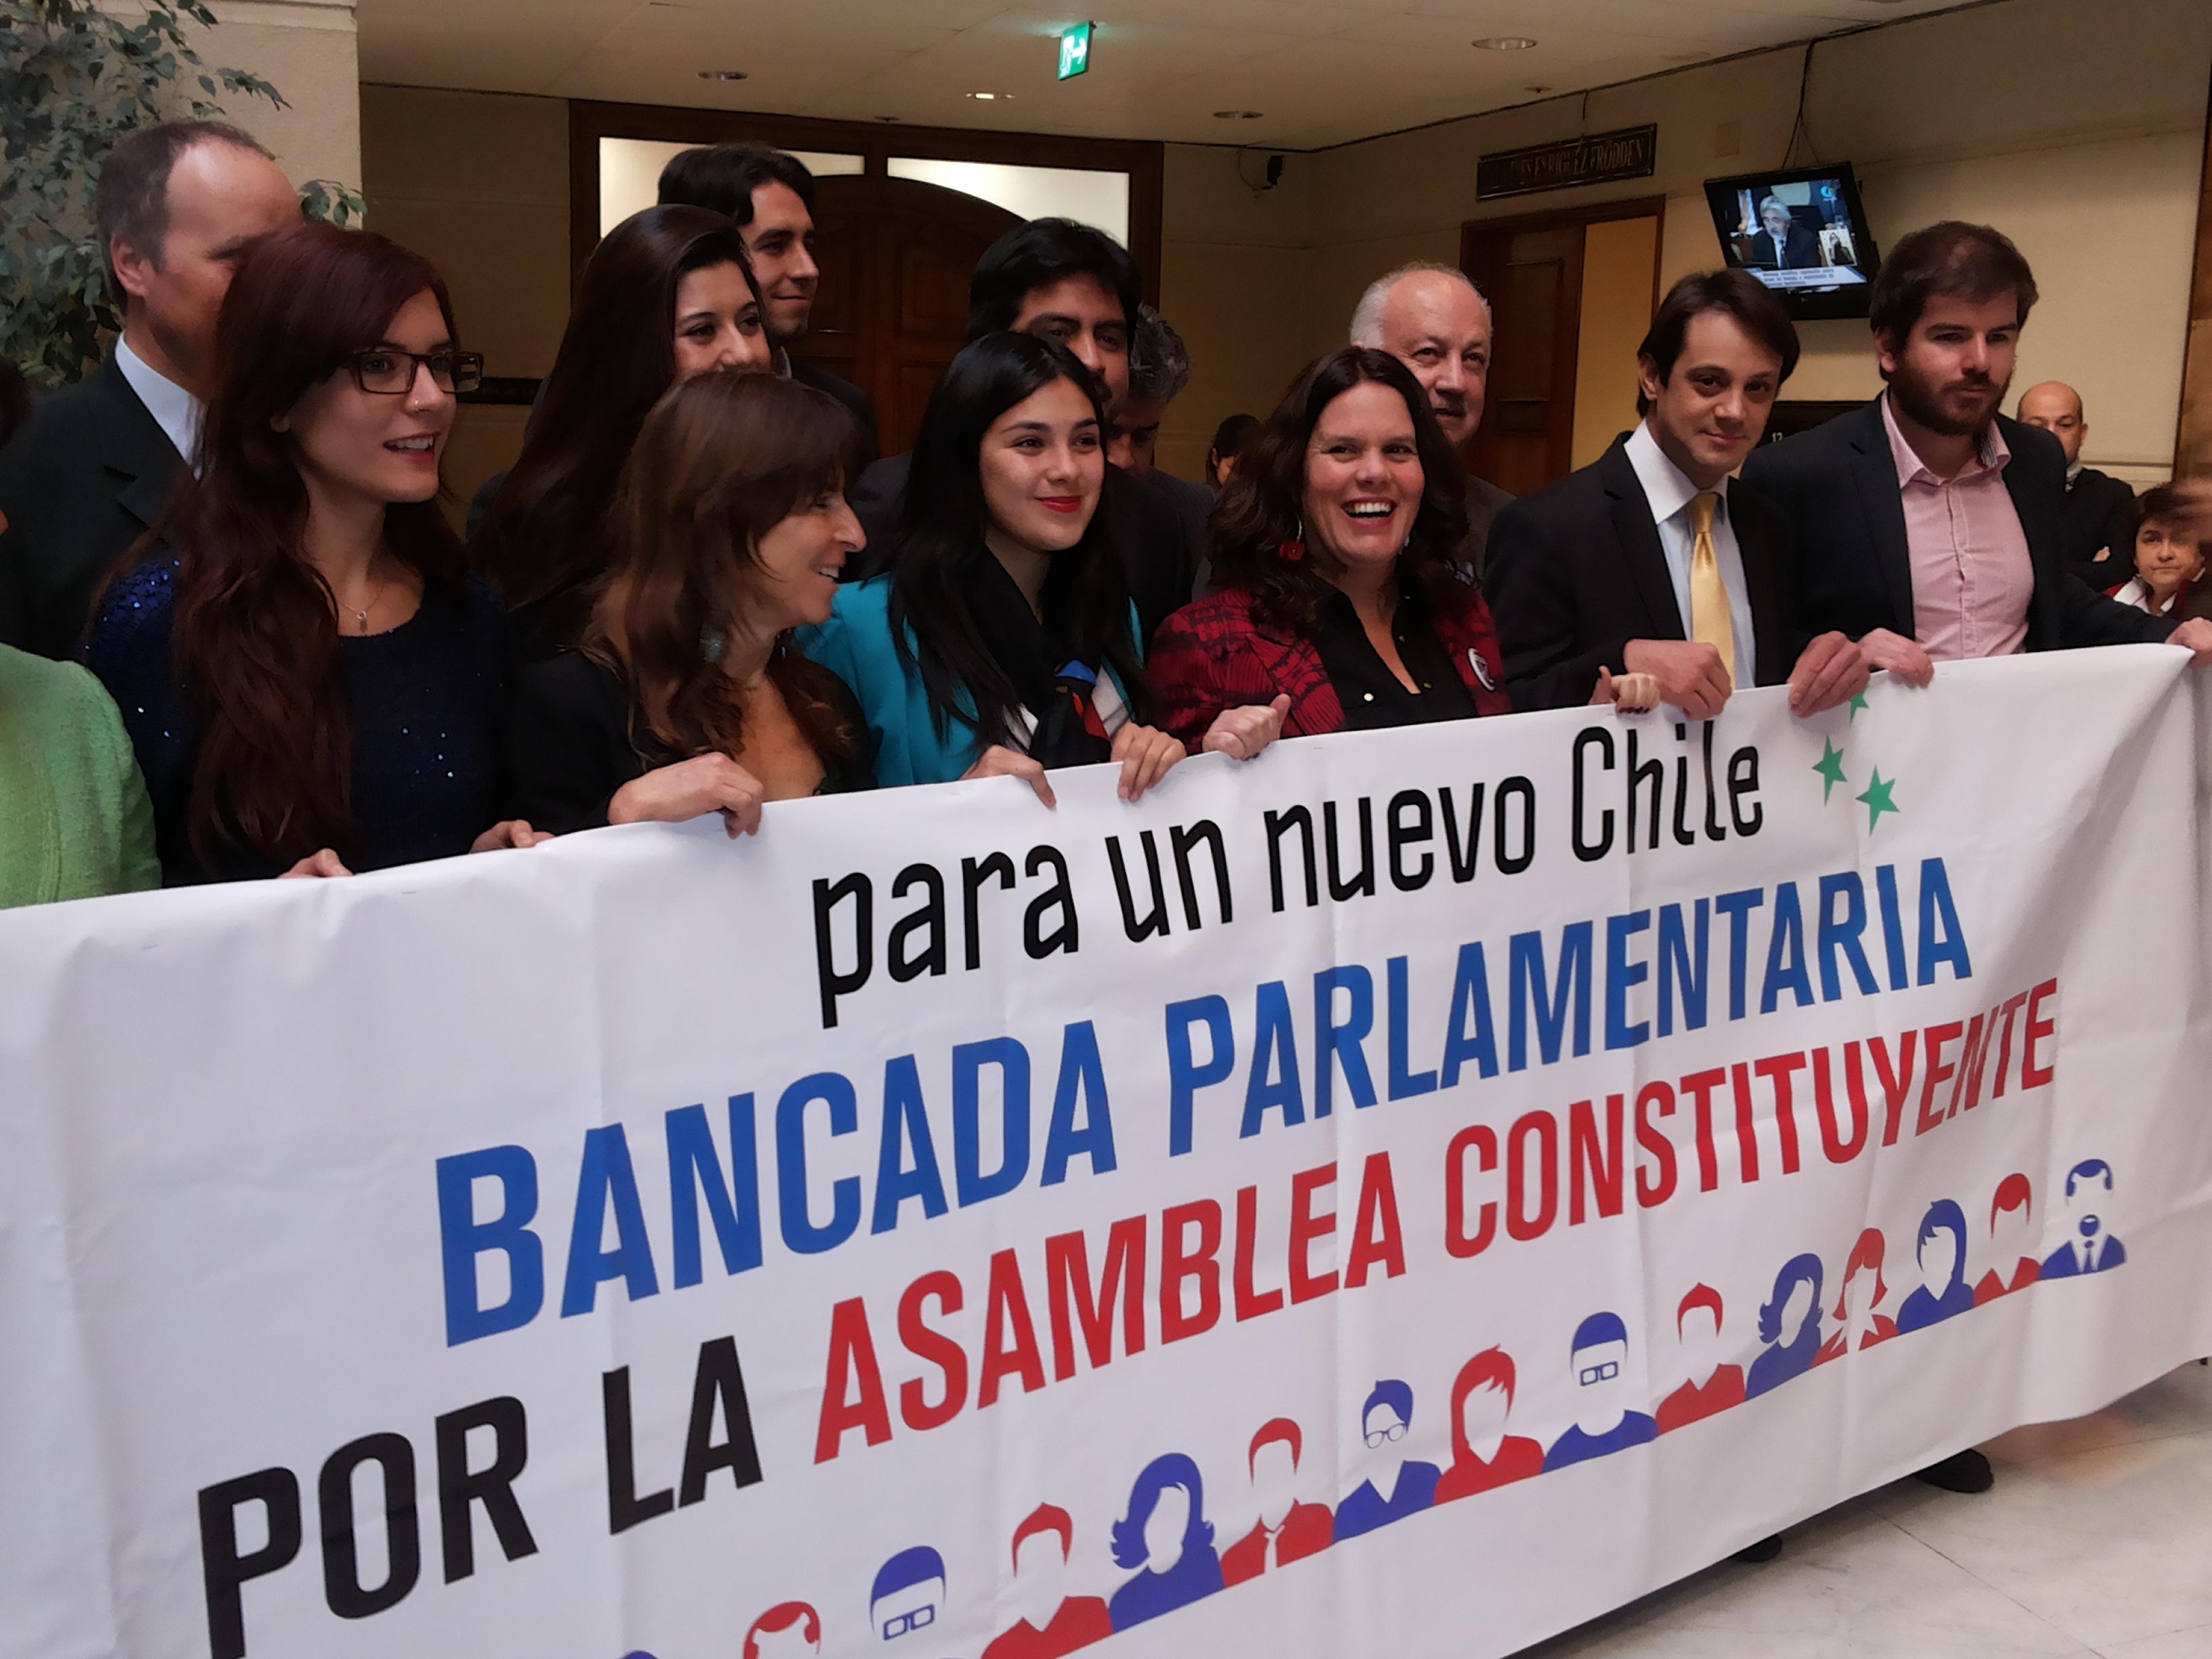 Nueva Constitución: la bancada que busca presionar a Bachelet para impulsar la Asamblea Constituyente